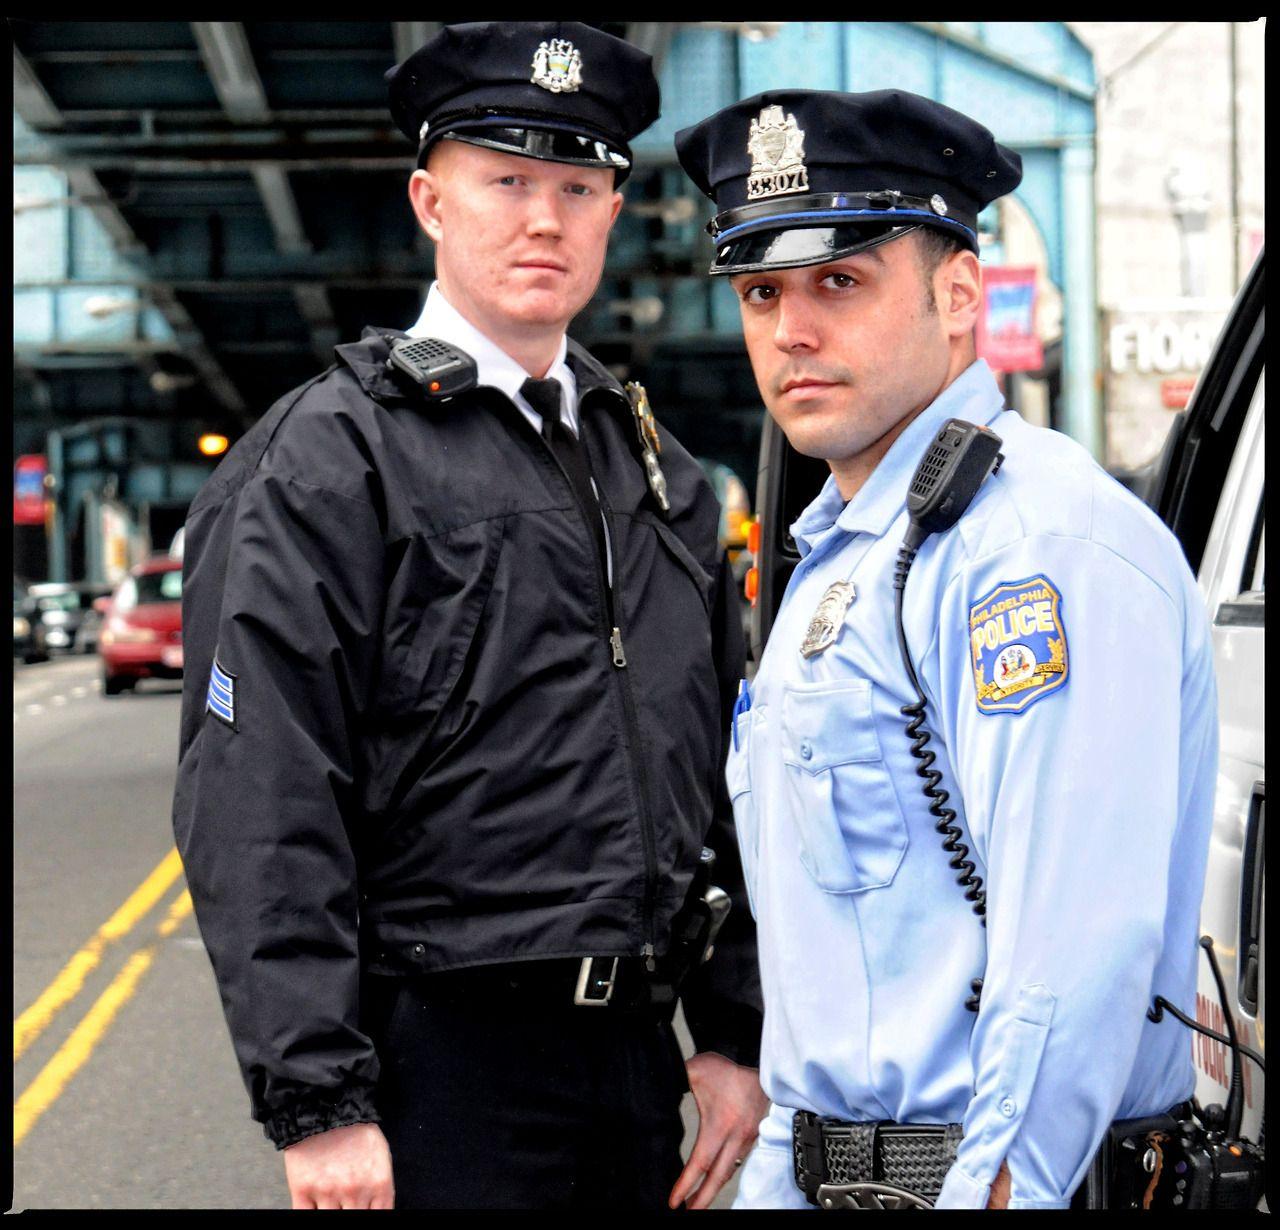 BruteCop Men in uniform, Police uniforms, Cop uniform